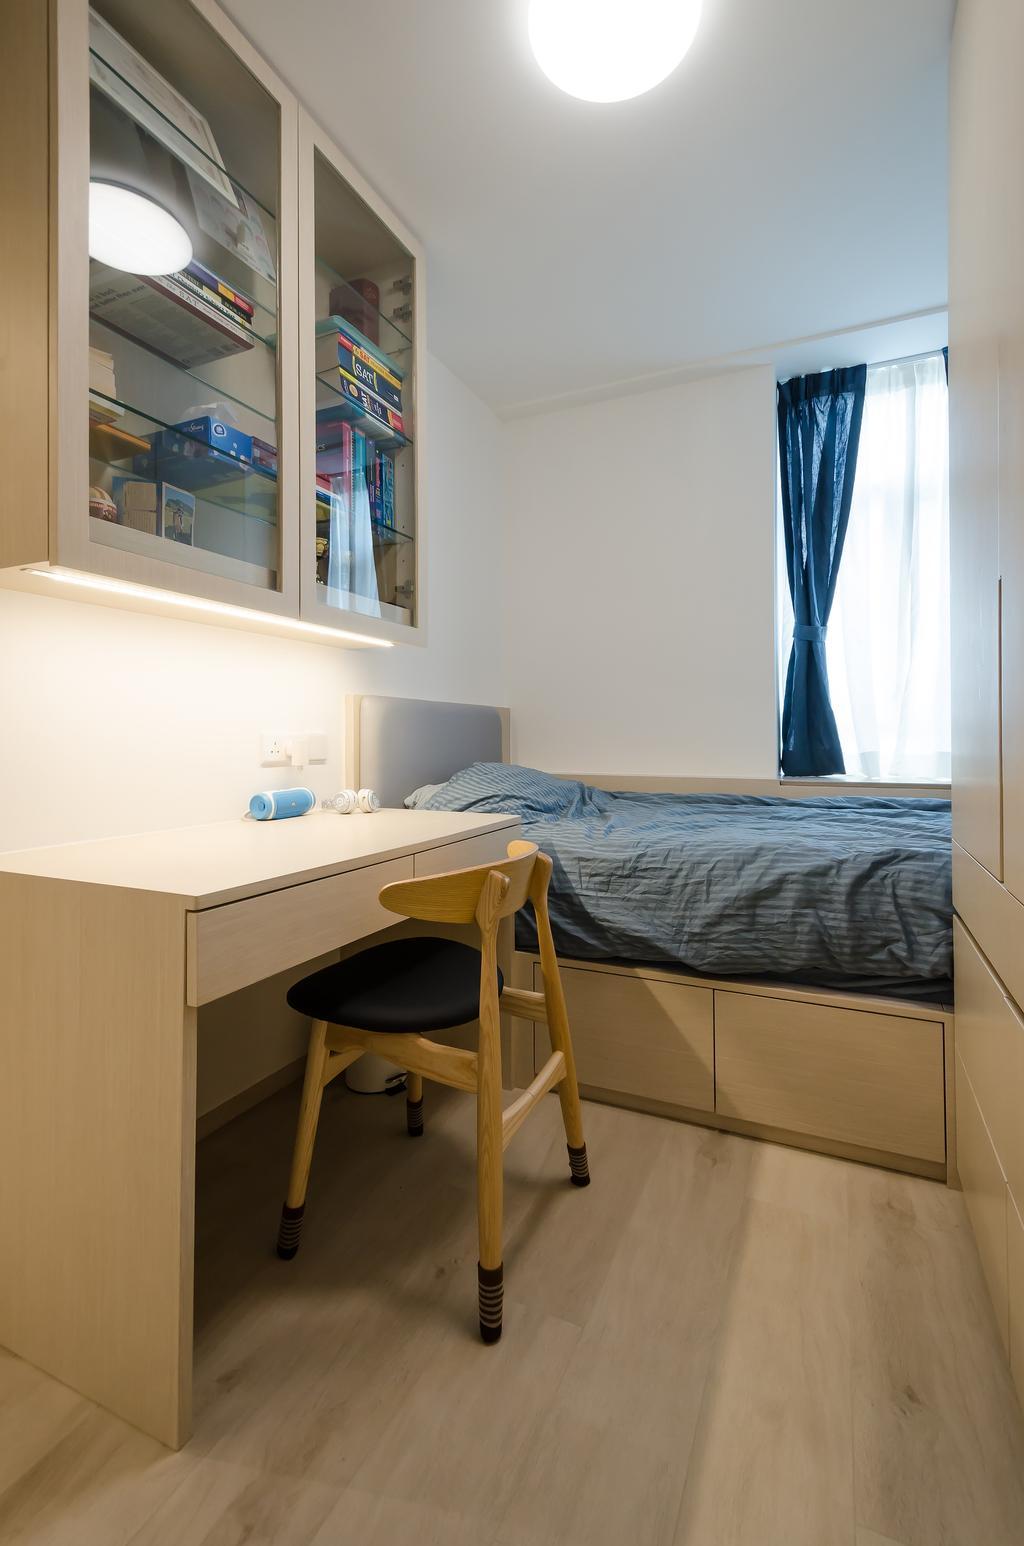 簡約, 私家樓, 睡房, 海棠閣, 室內設計師, 現時設計, 摩登, 北歐